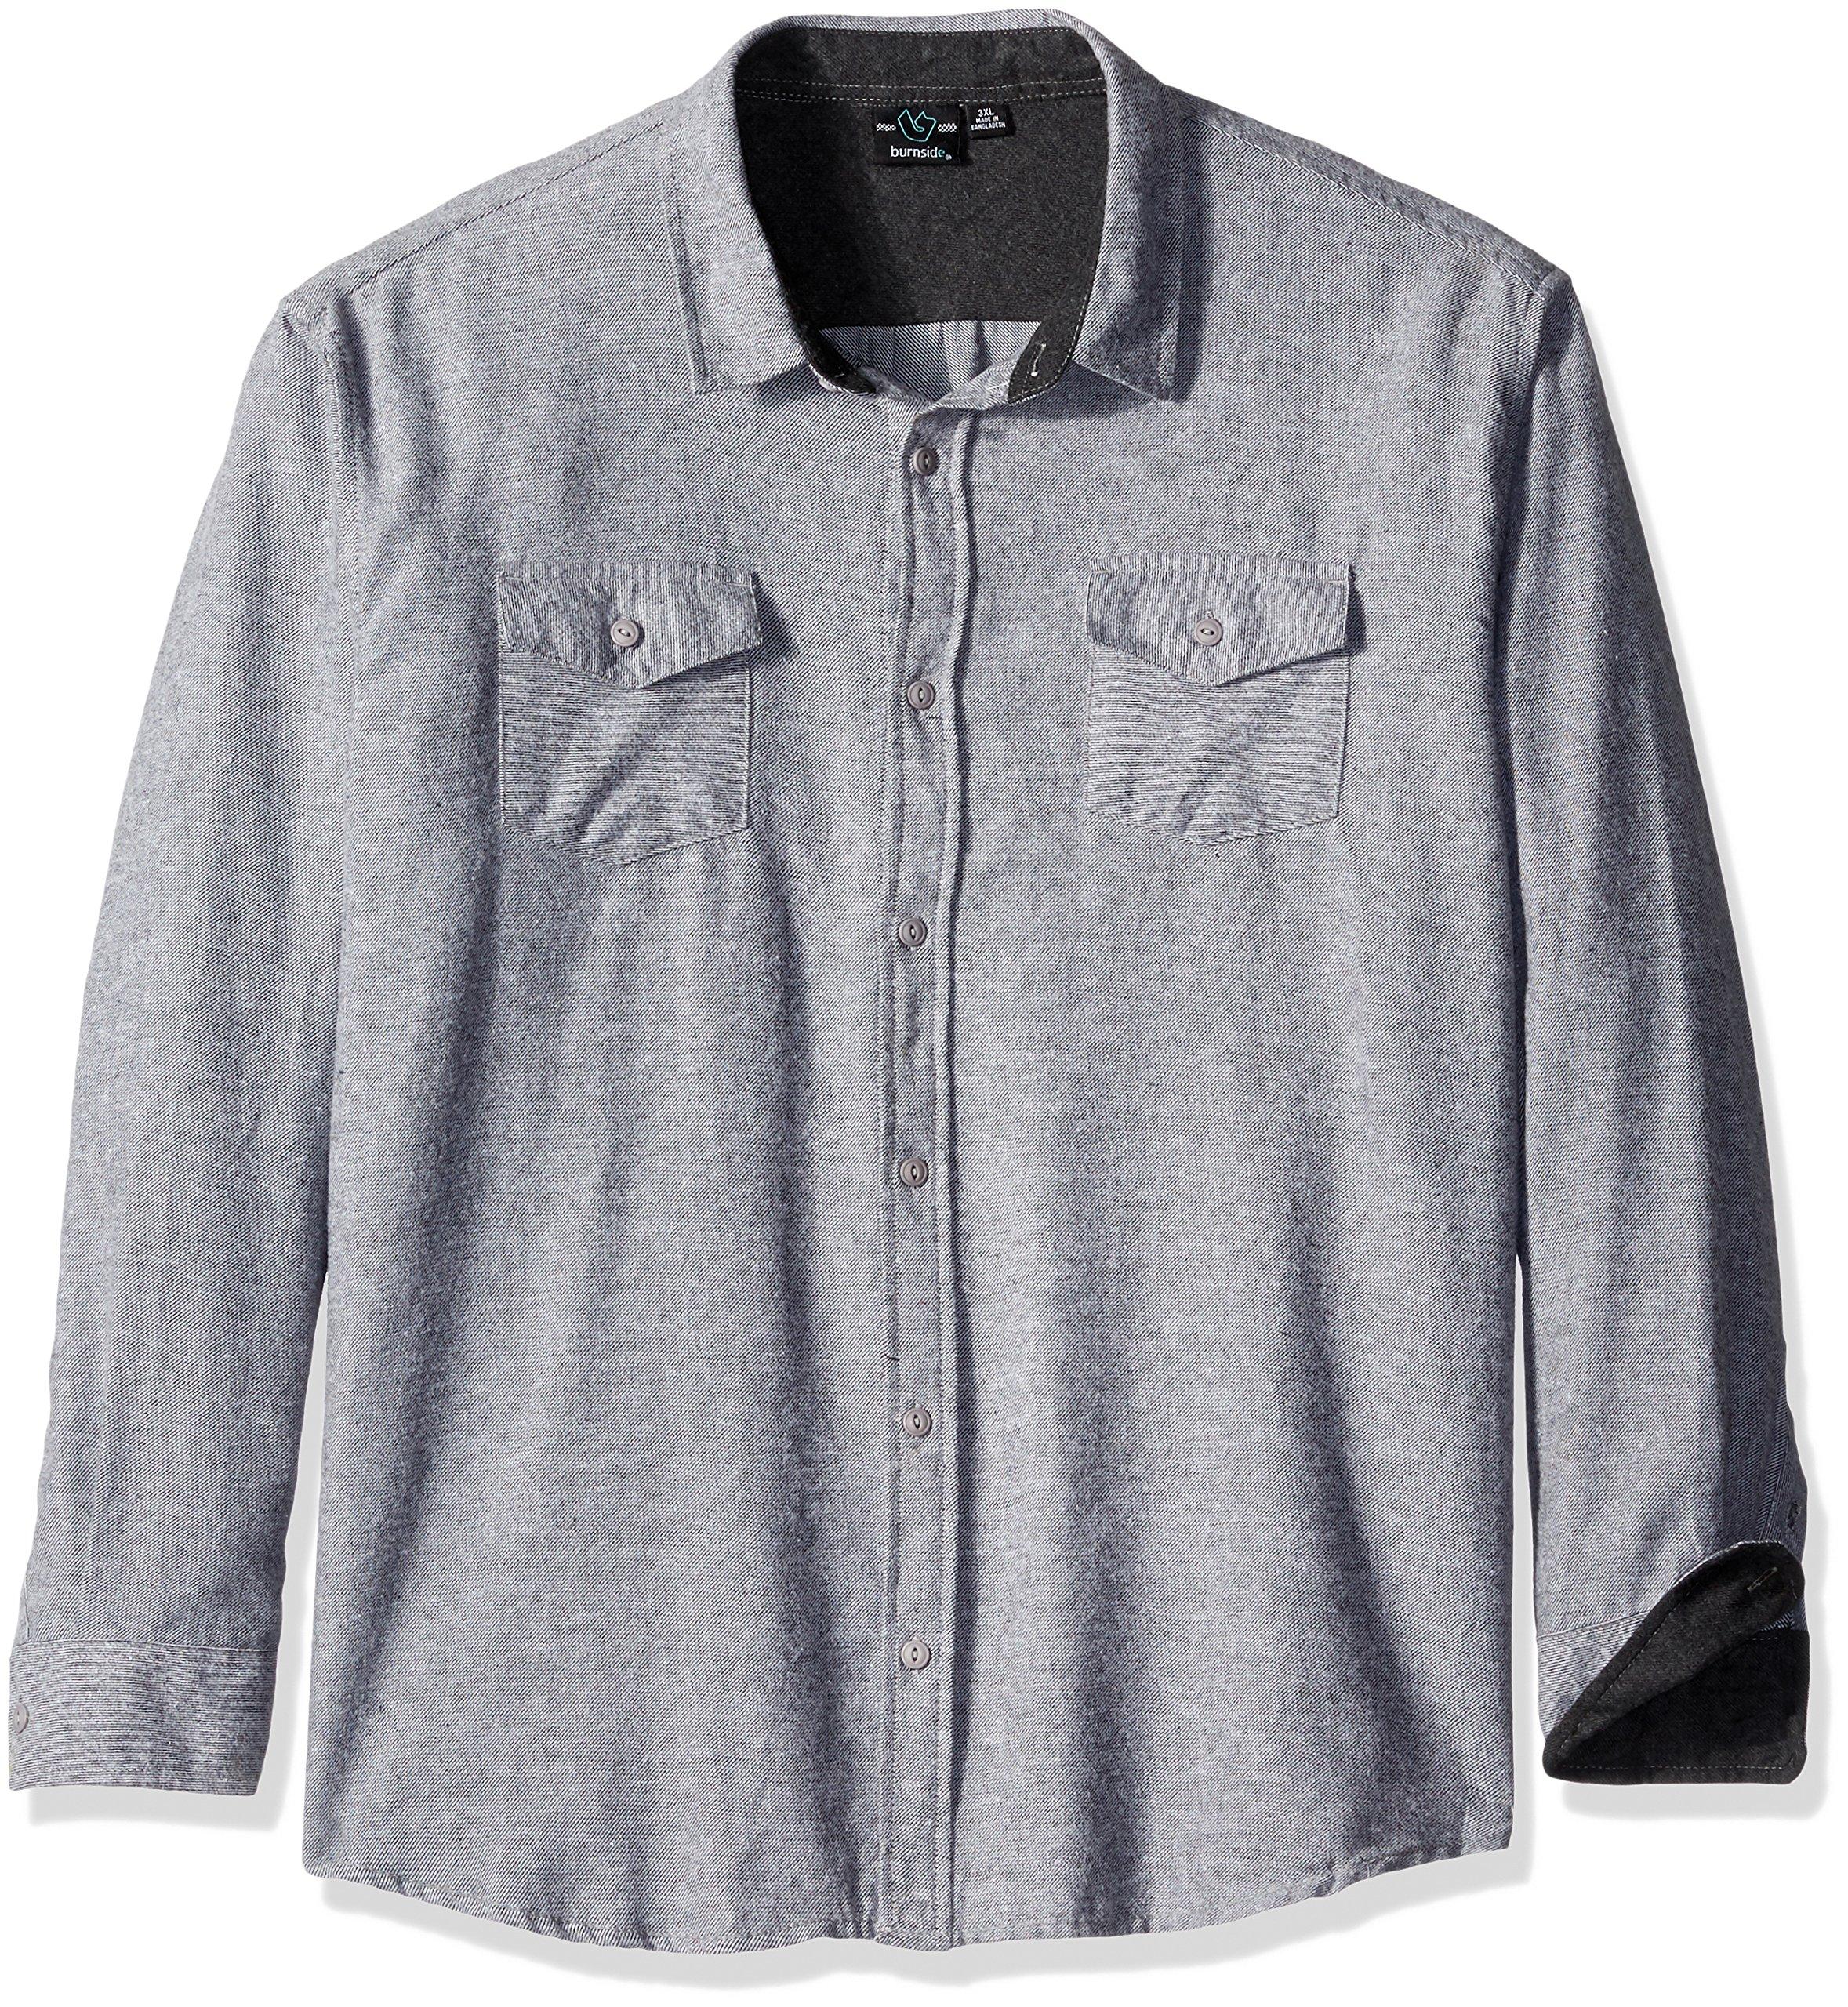 Burnside Men's Carter 2 Solid Flannel Button Down Long Sleeve Shirt